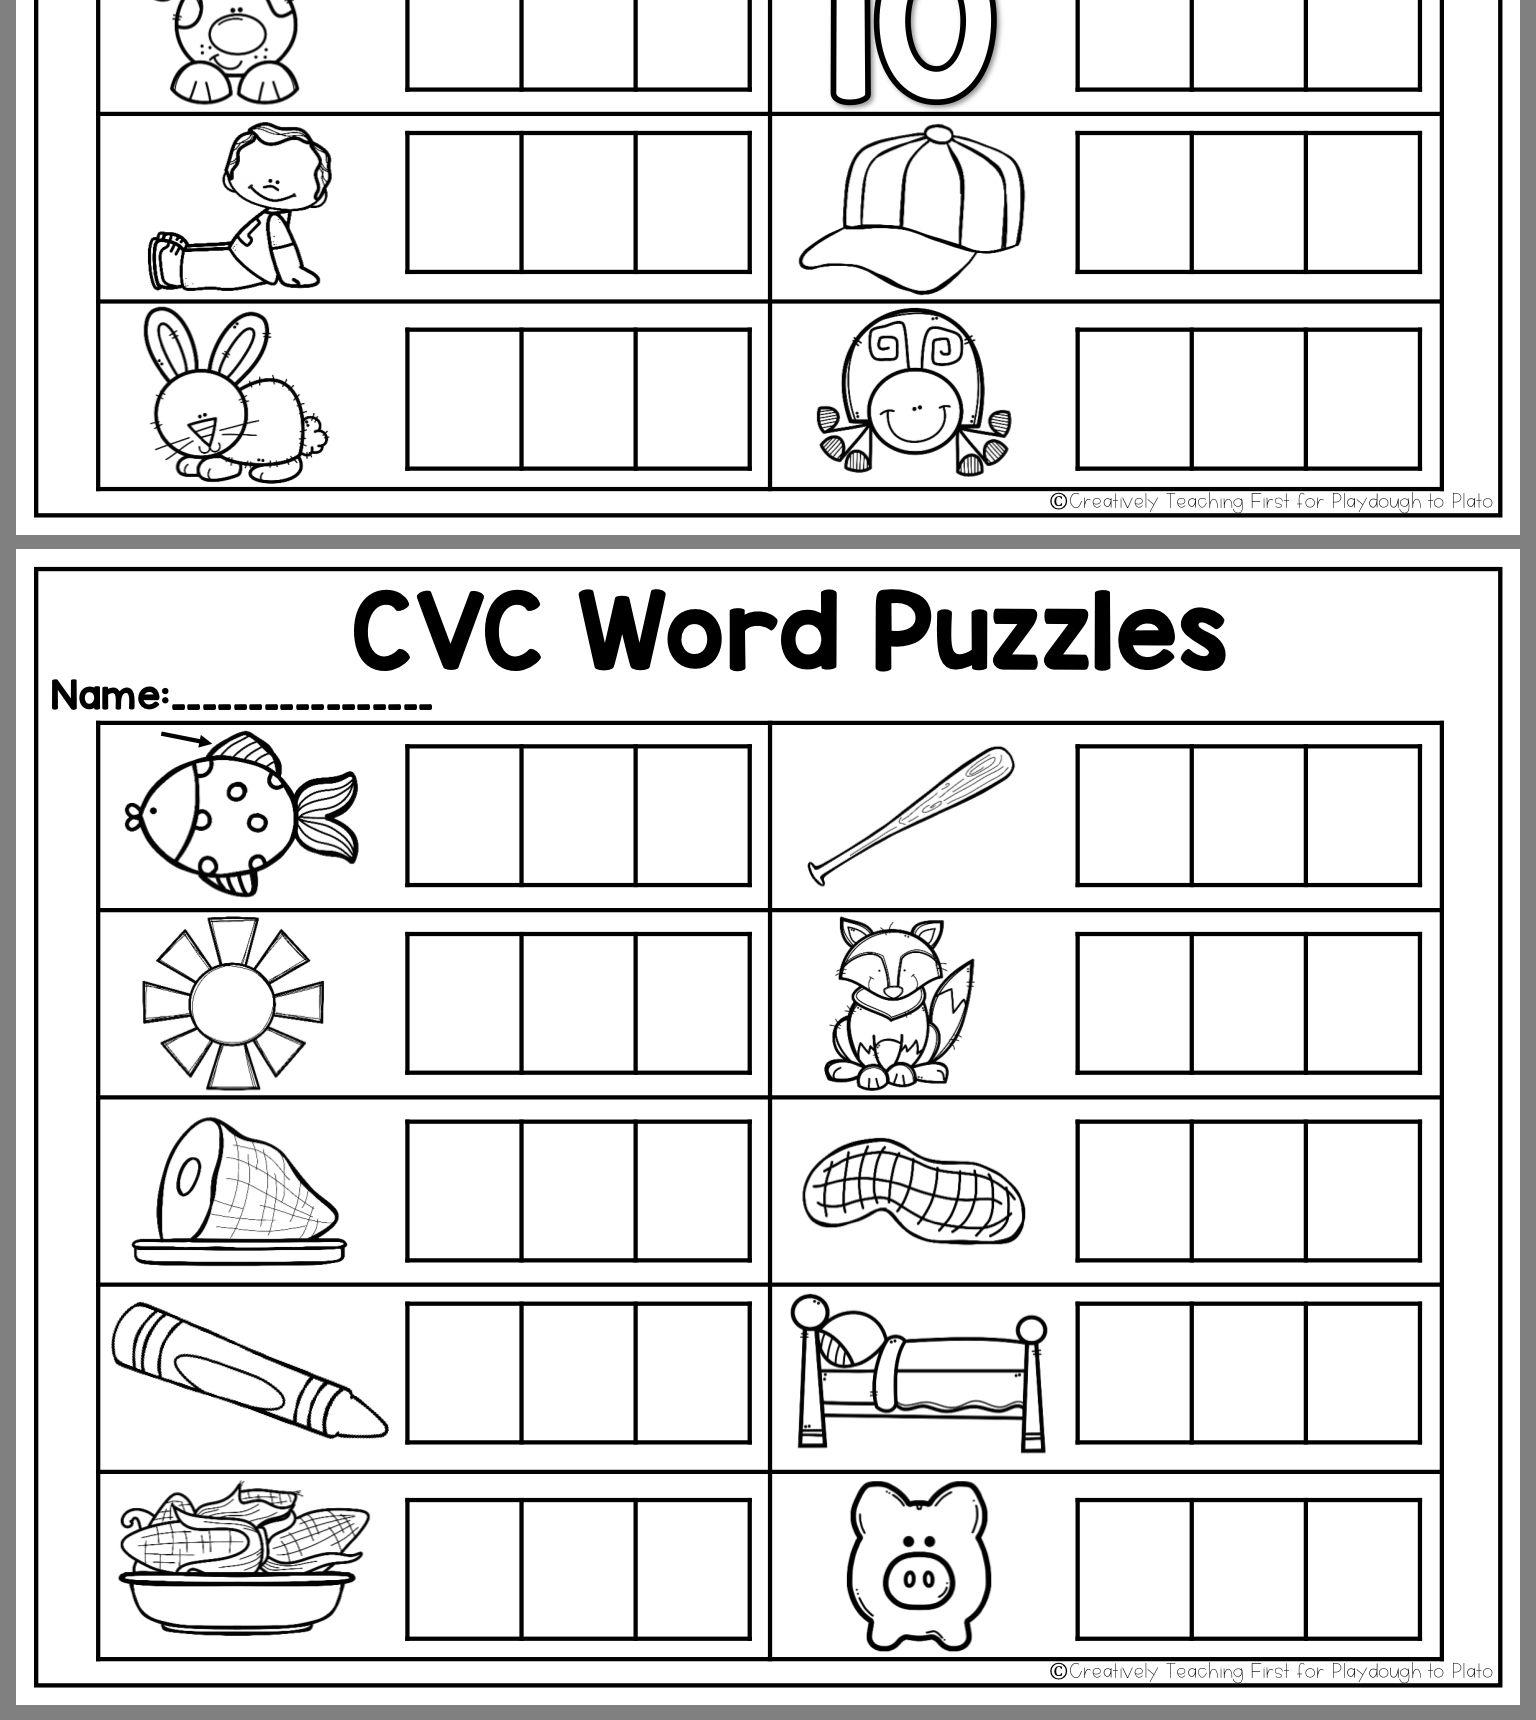 Pin By P Owens On Preschool Worksheet In